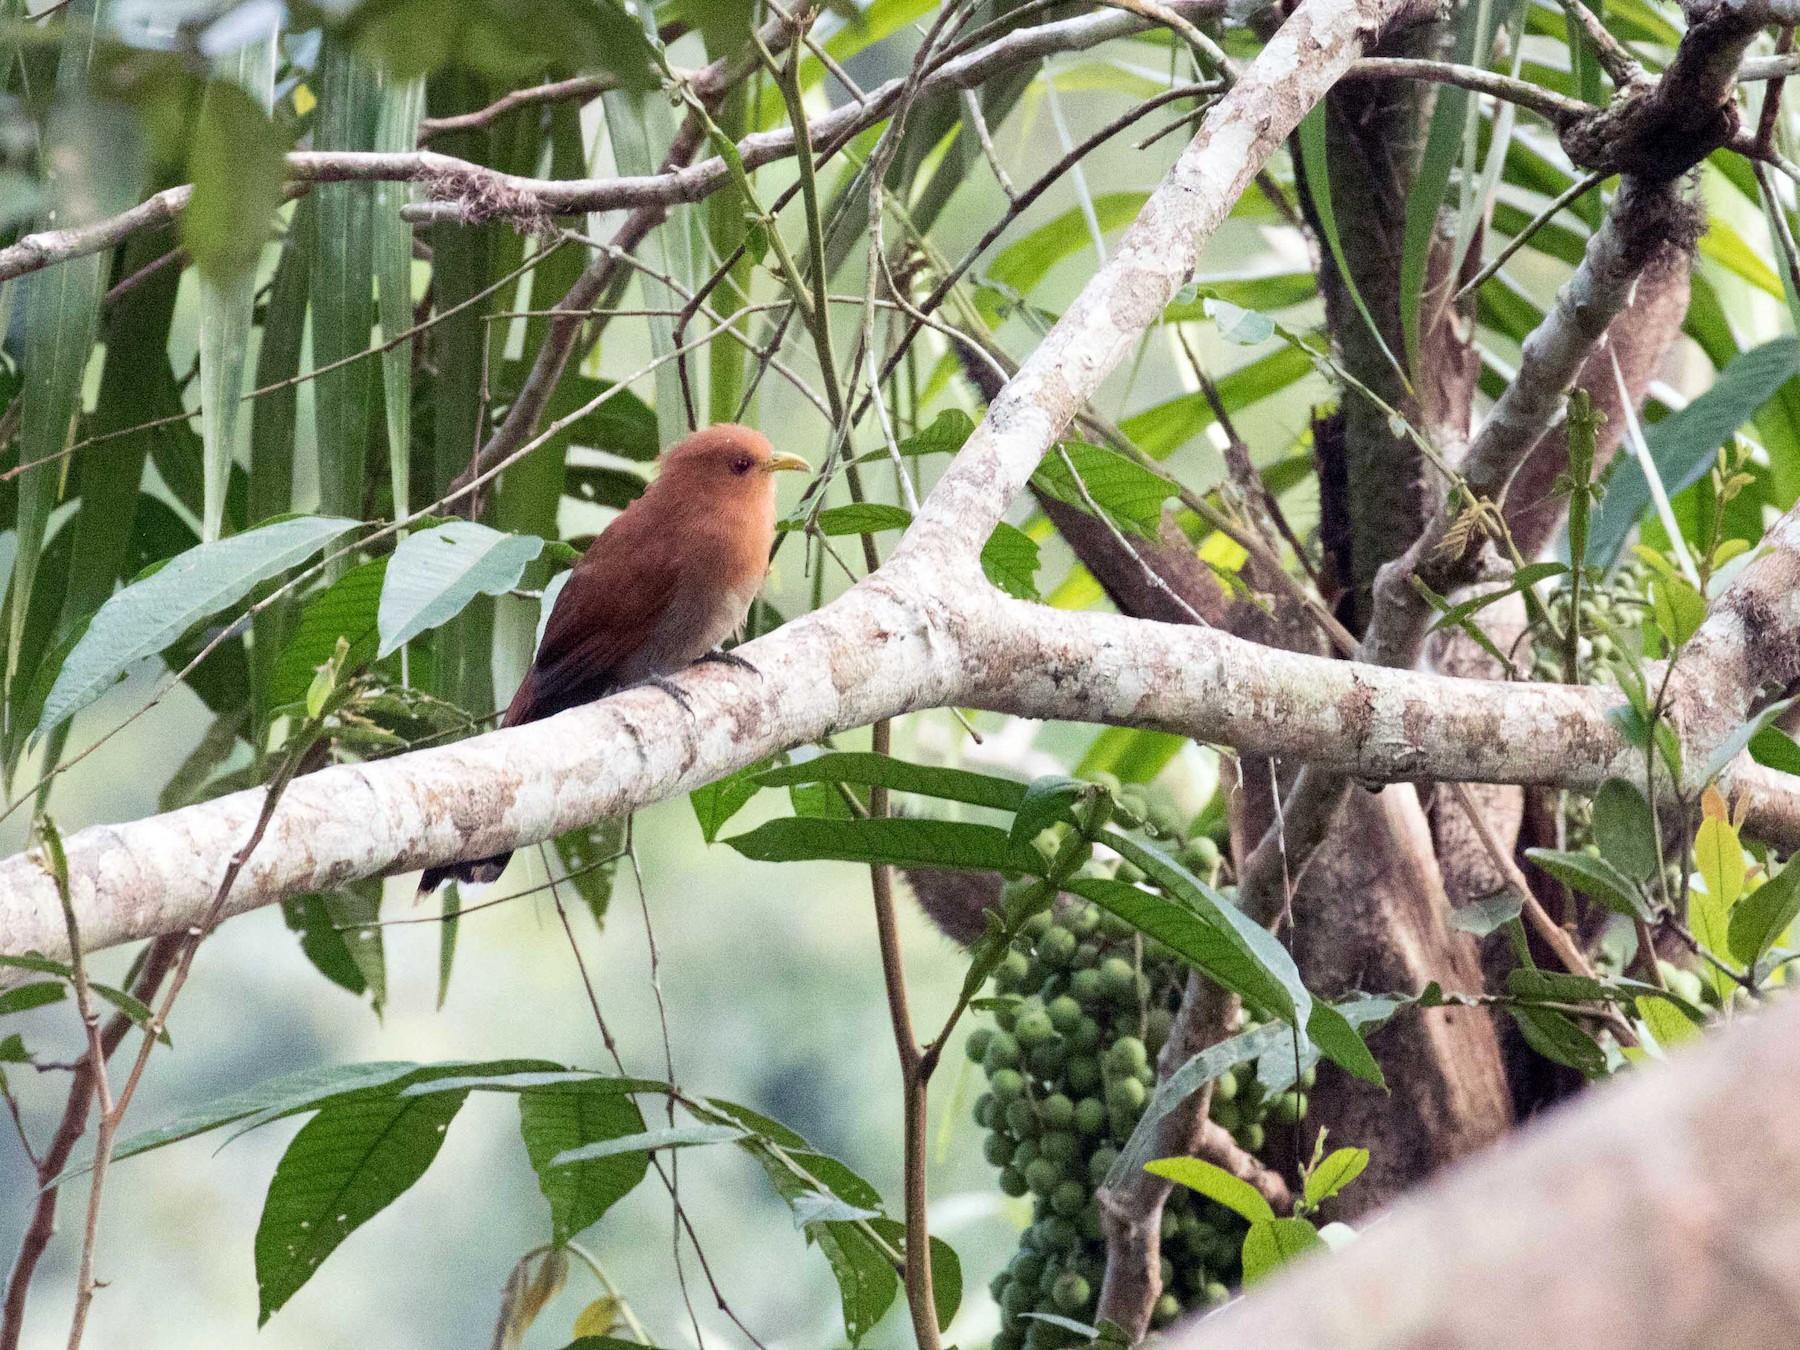 Little Cuckoo - Braden Collard